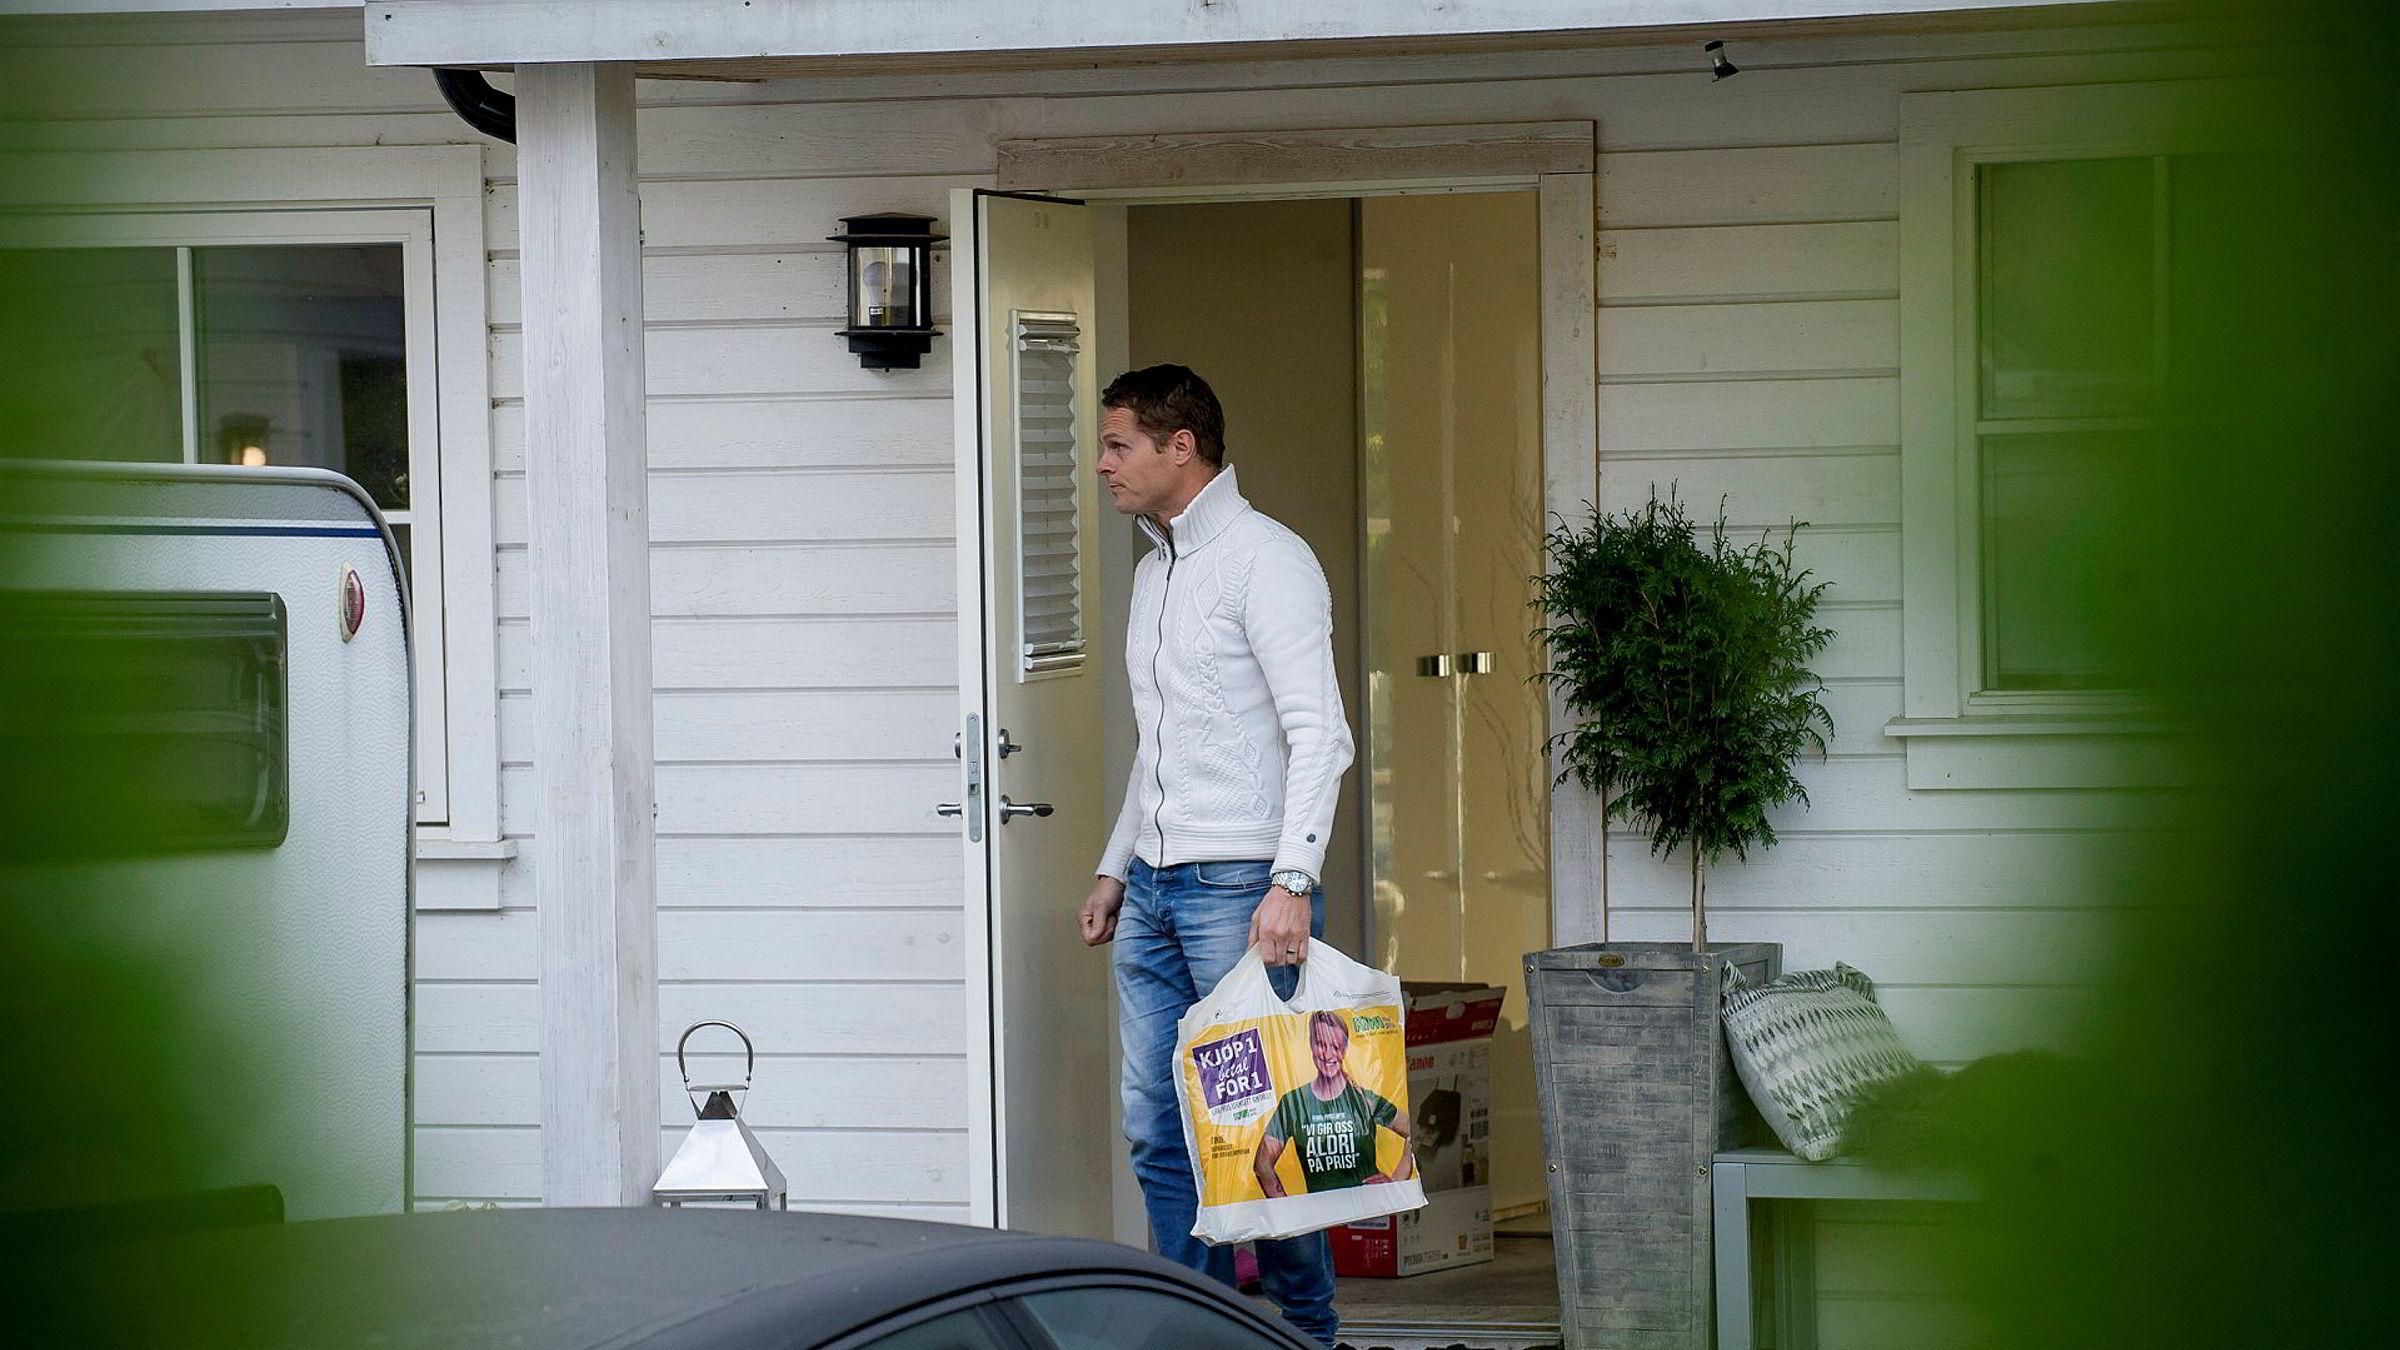 Her hjelper snekker Carl Thomas Andersson til med å bære ut beslaglagte dokumenter i en Kiwi-pose under ransakingen av timillionersvillaen.